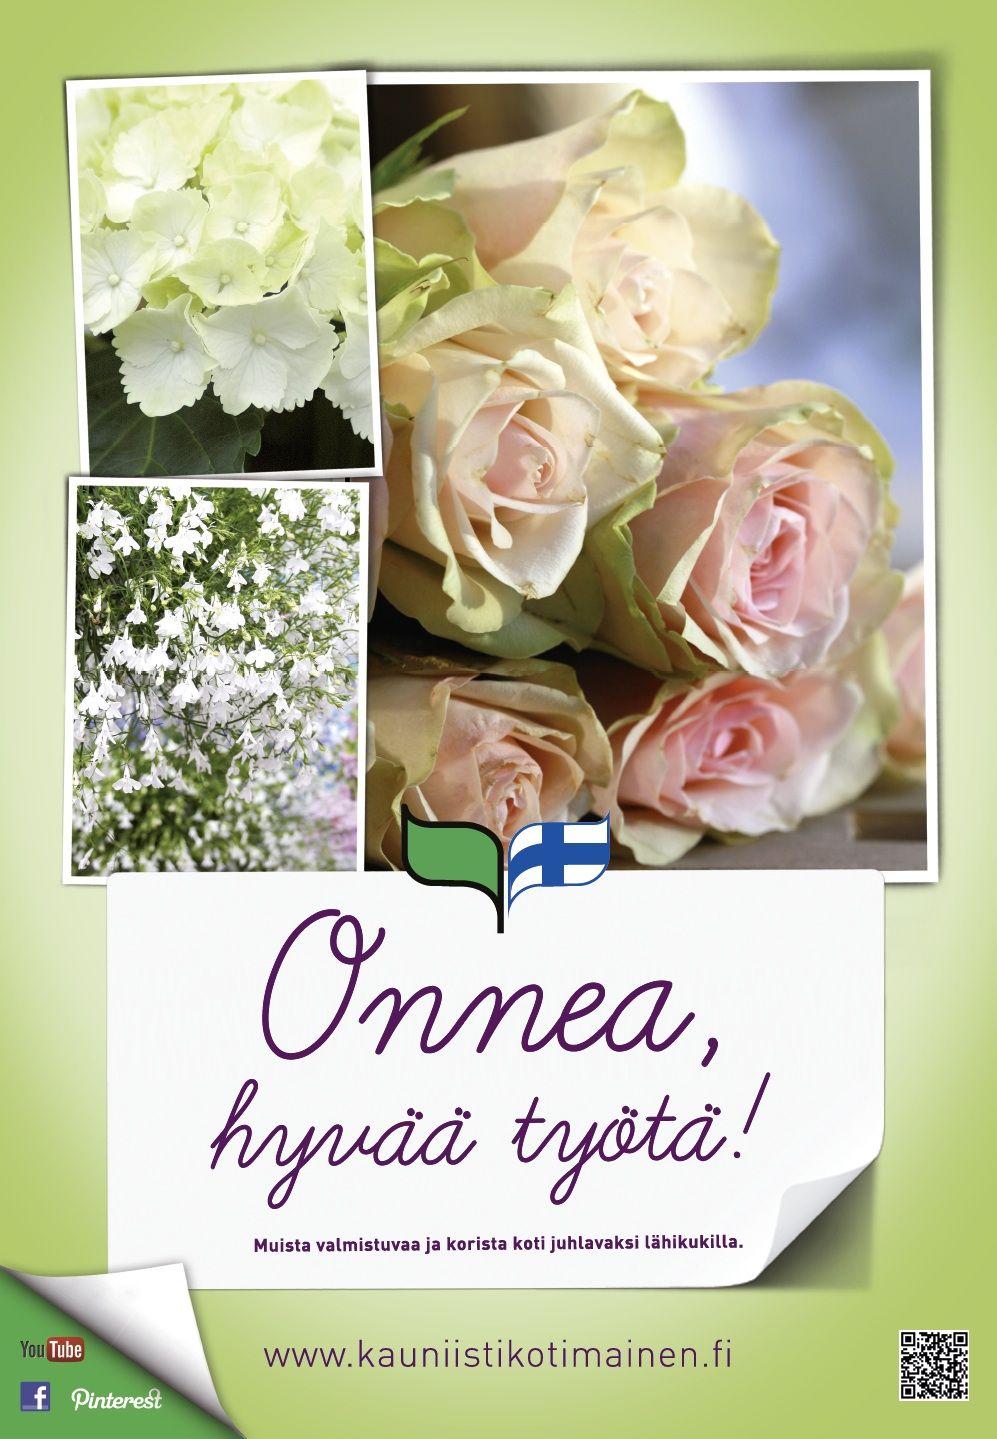 Kauniisti kotimainen - Onnea, hyvää työtä! 2013